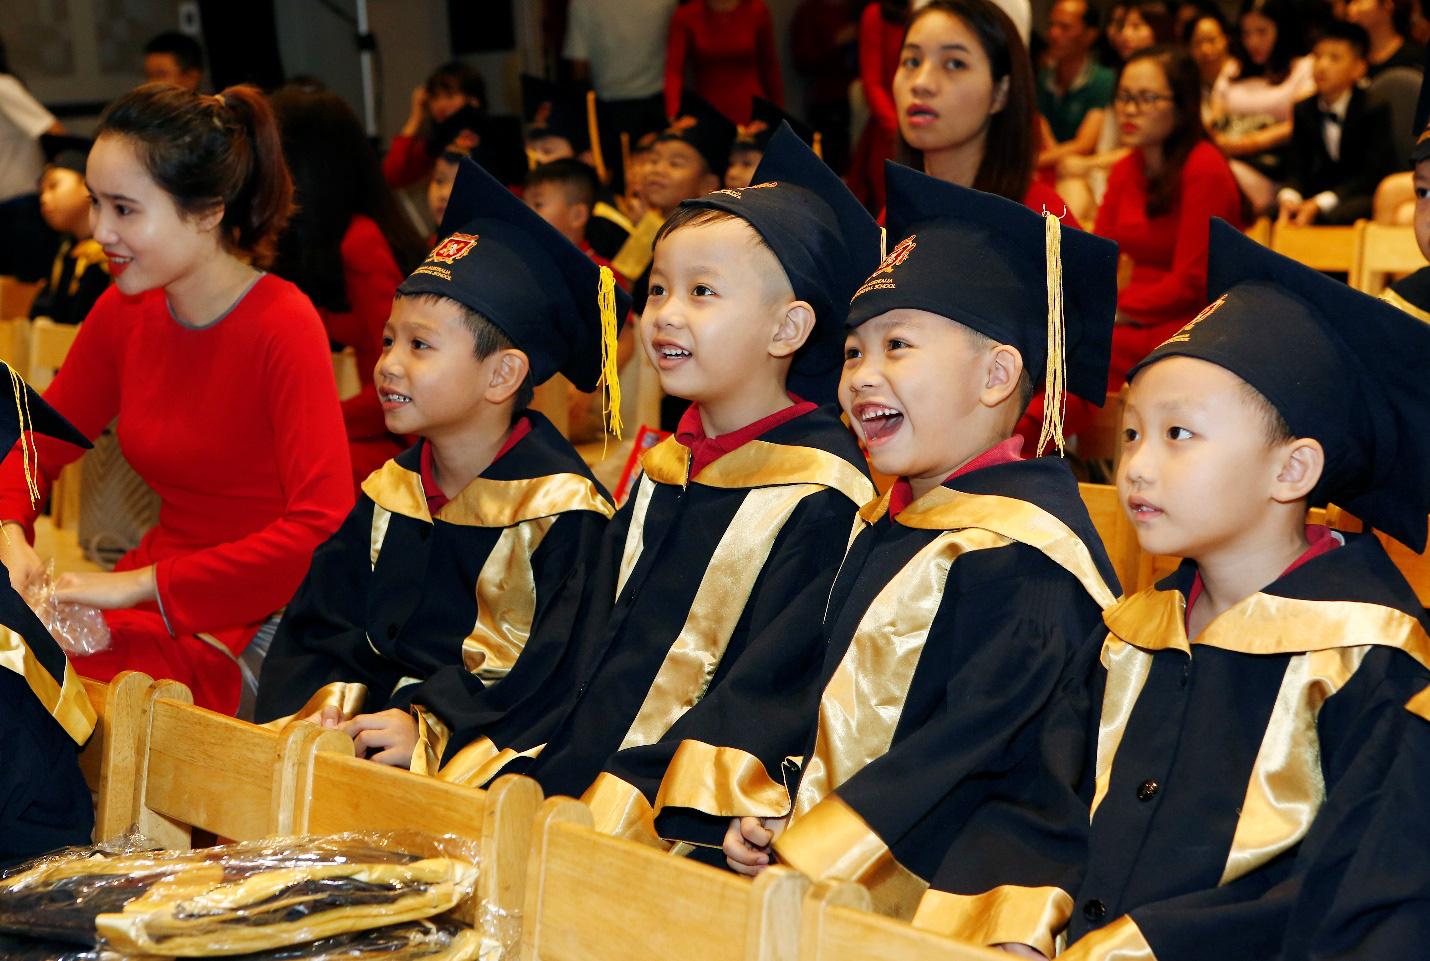 Những yếu tố cần cân nhắc khi chọn trường quốc tế - Ảnh 2.